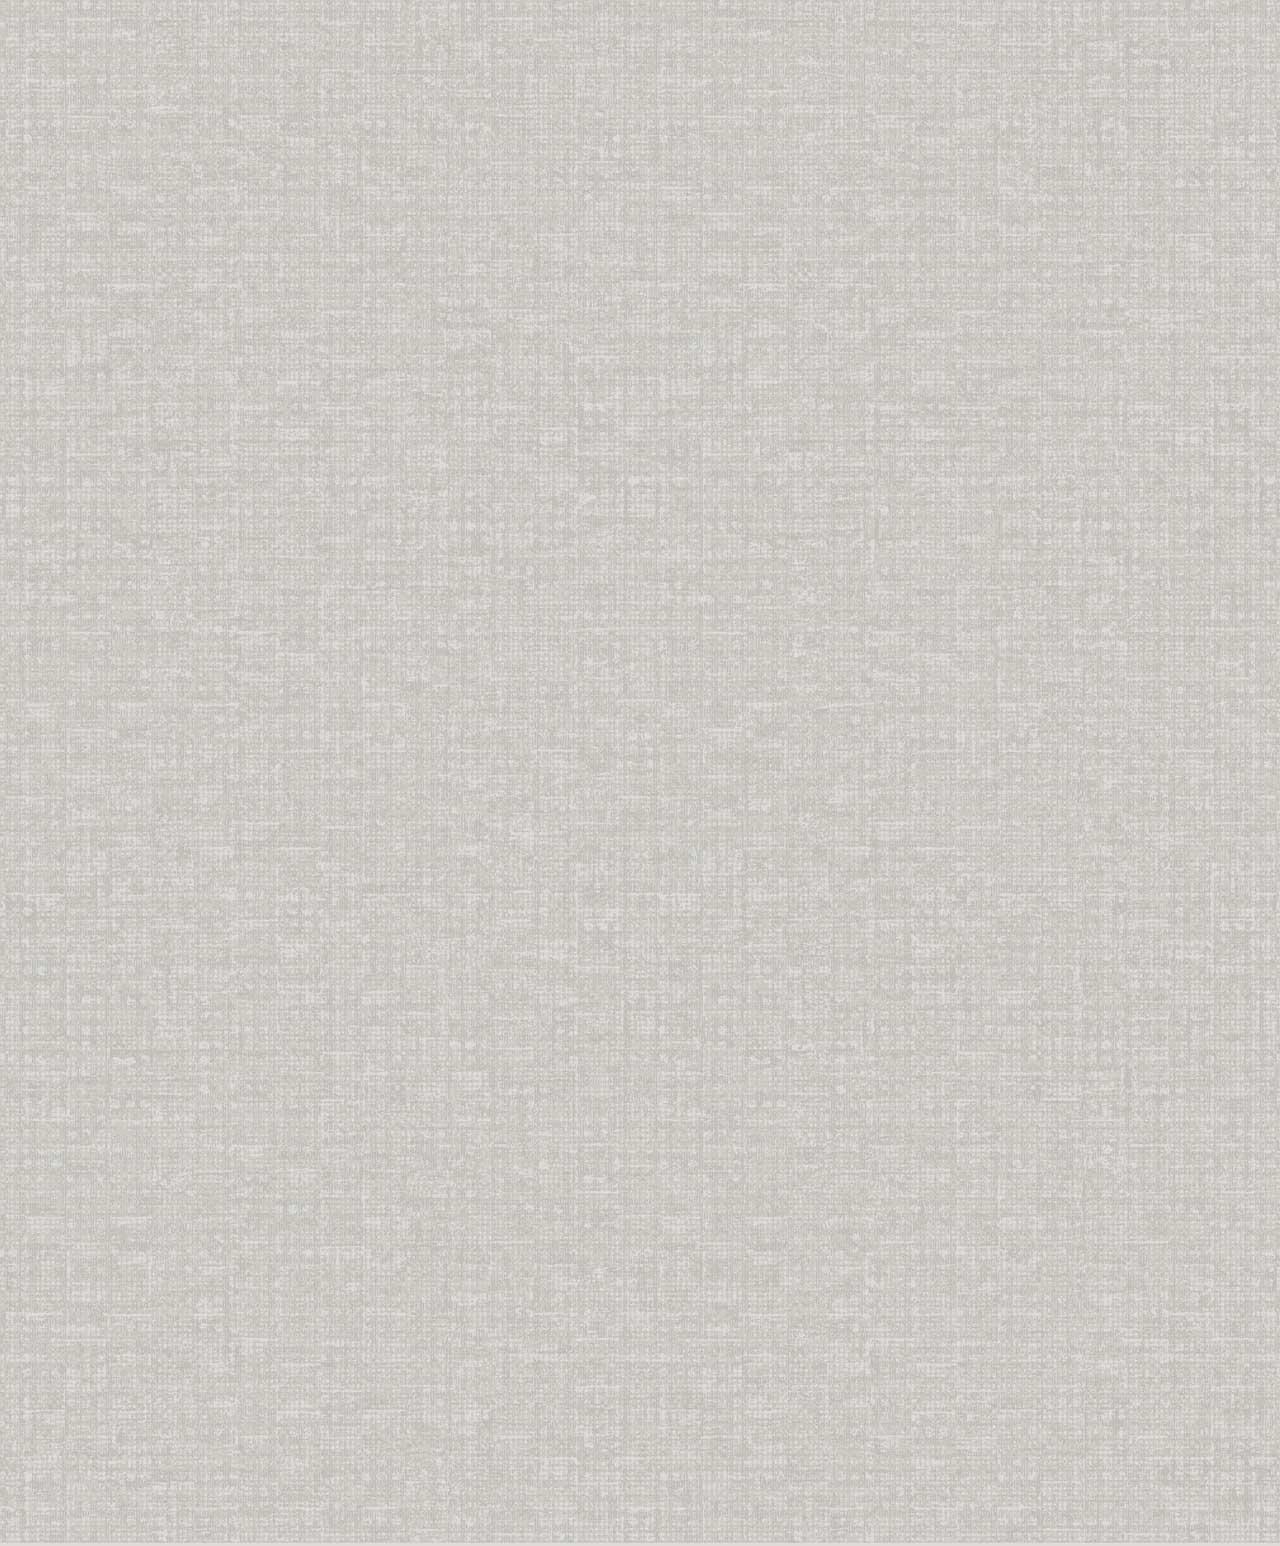 Sloan-Luxury-Wallpaper-SL00801-FRACTAL